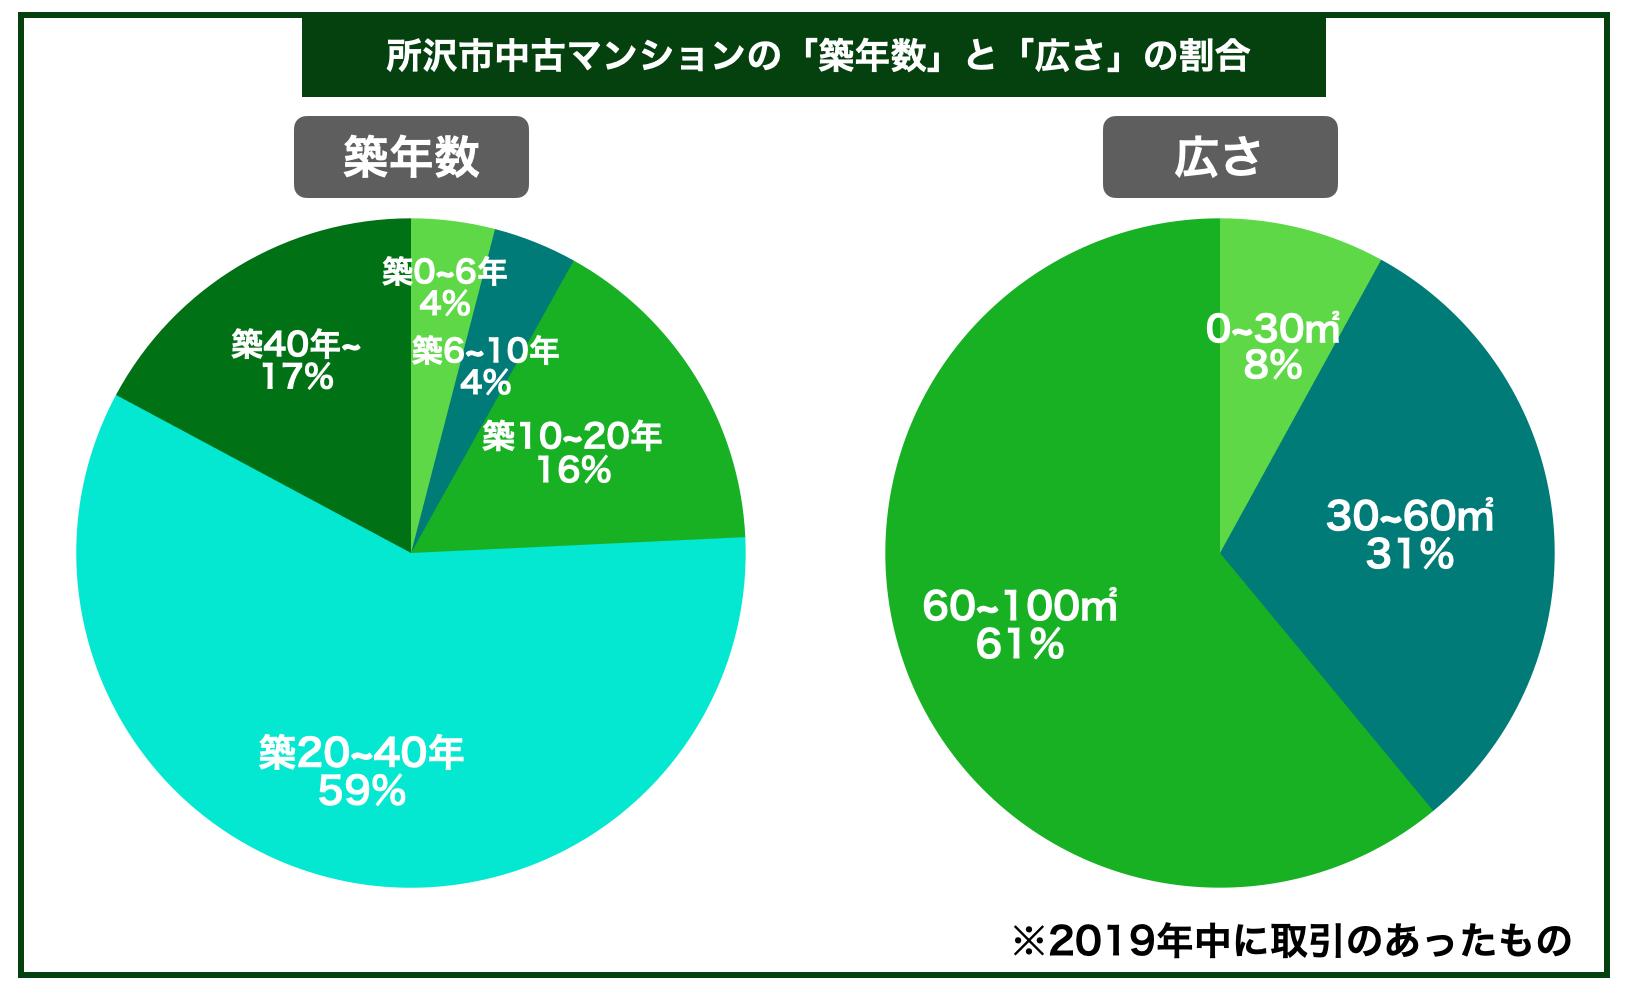 所沢市マンション築年数広さ割合